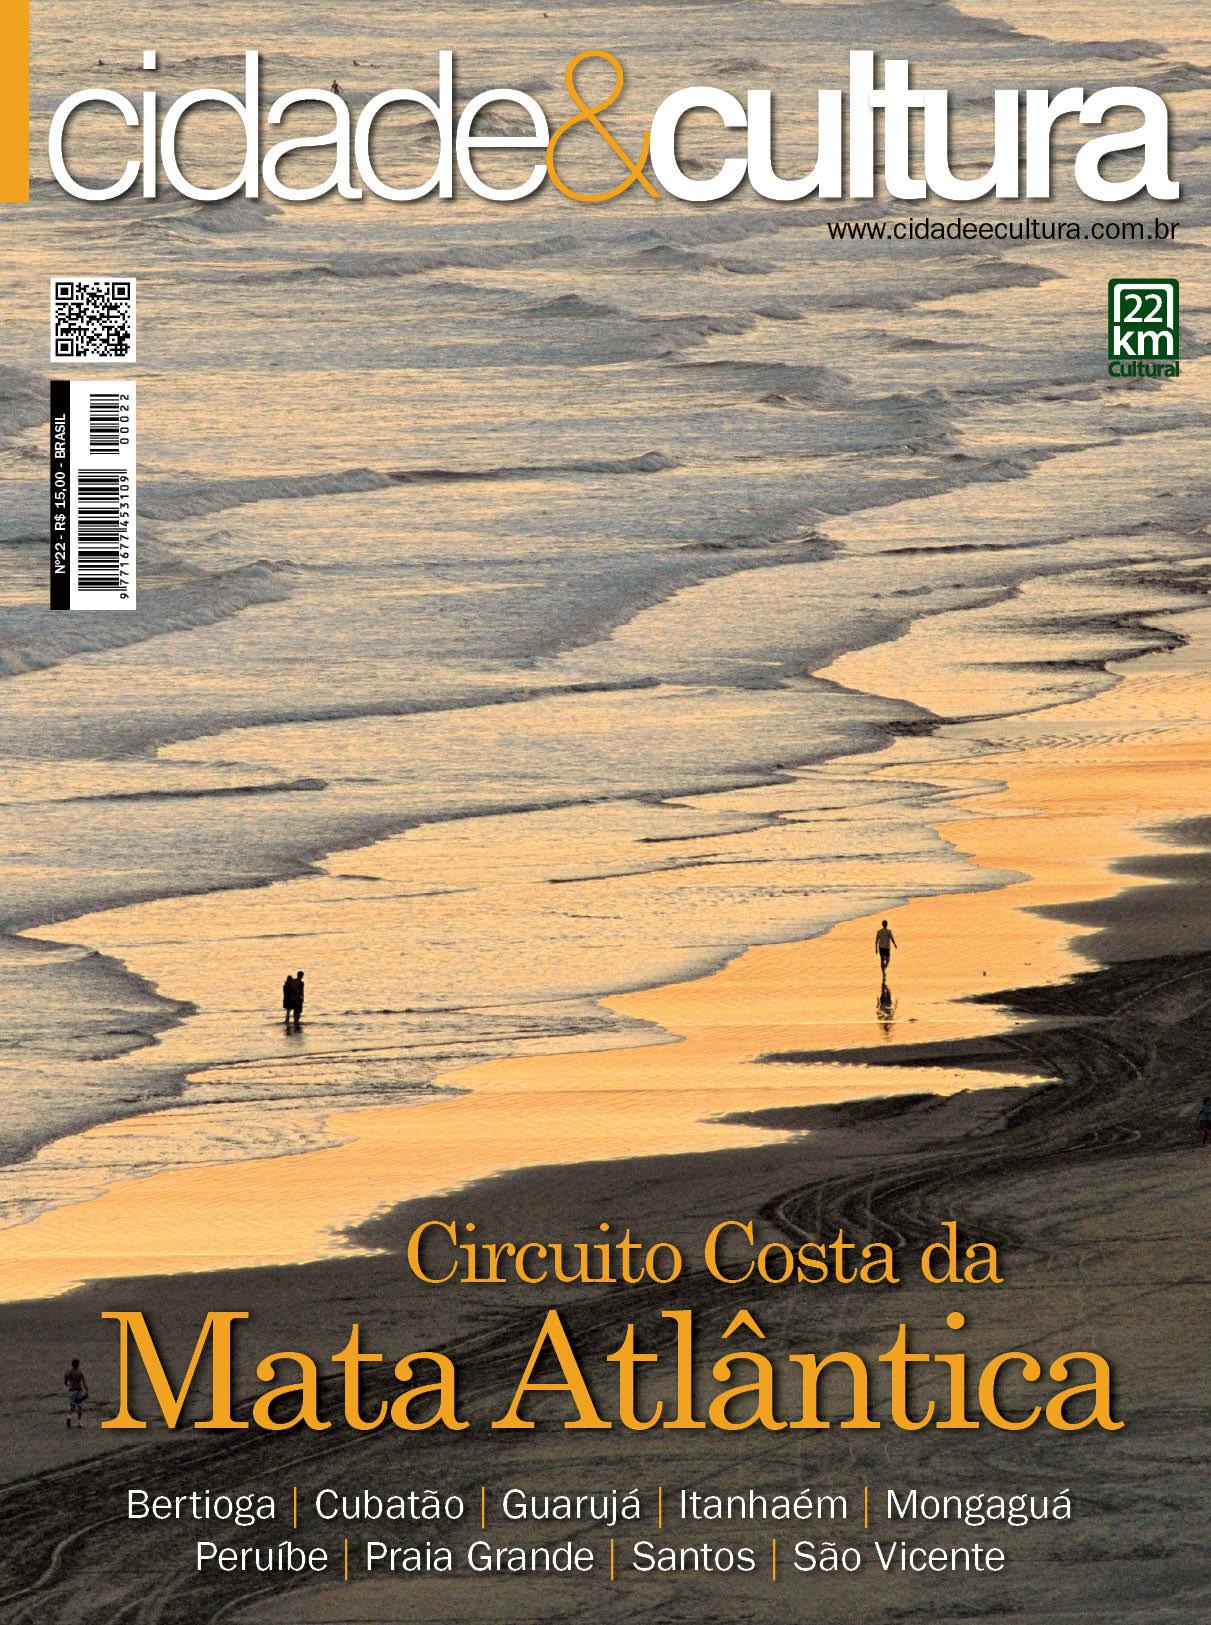 Circuito Costa da Mata Atlântica